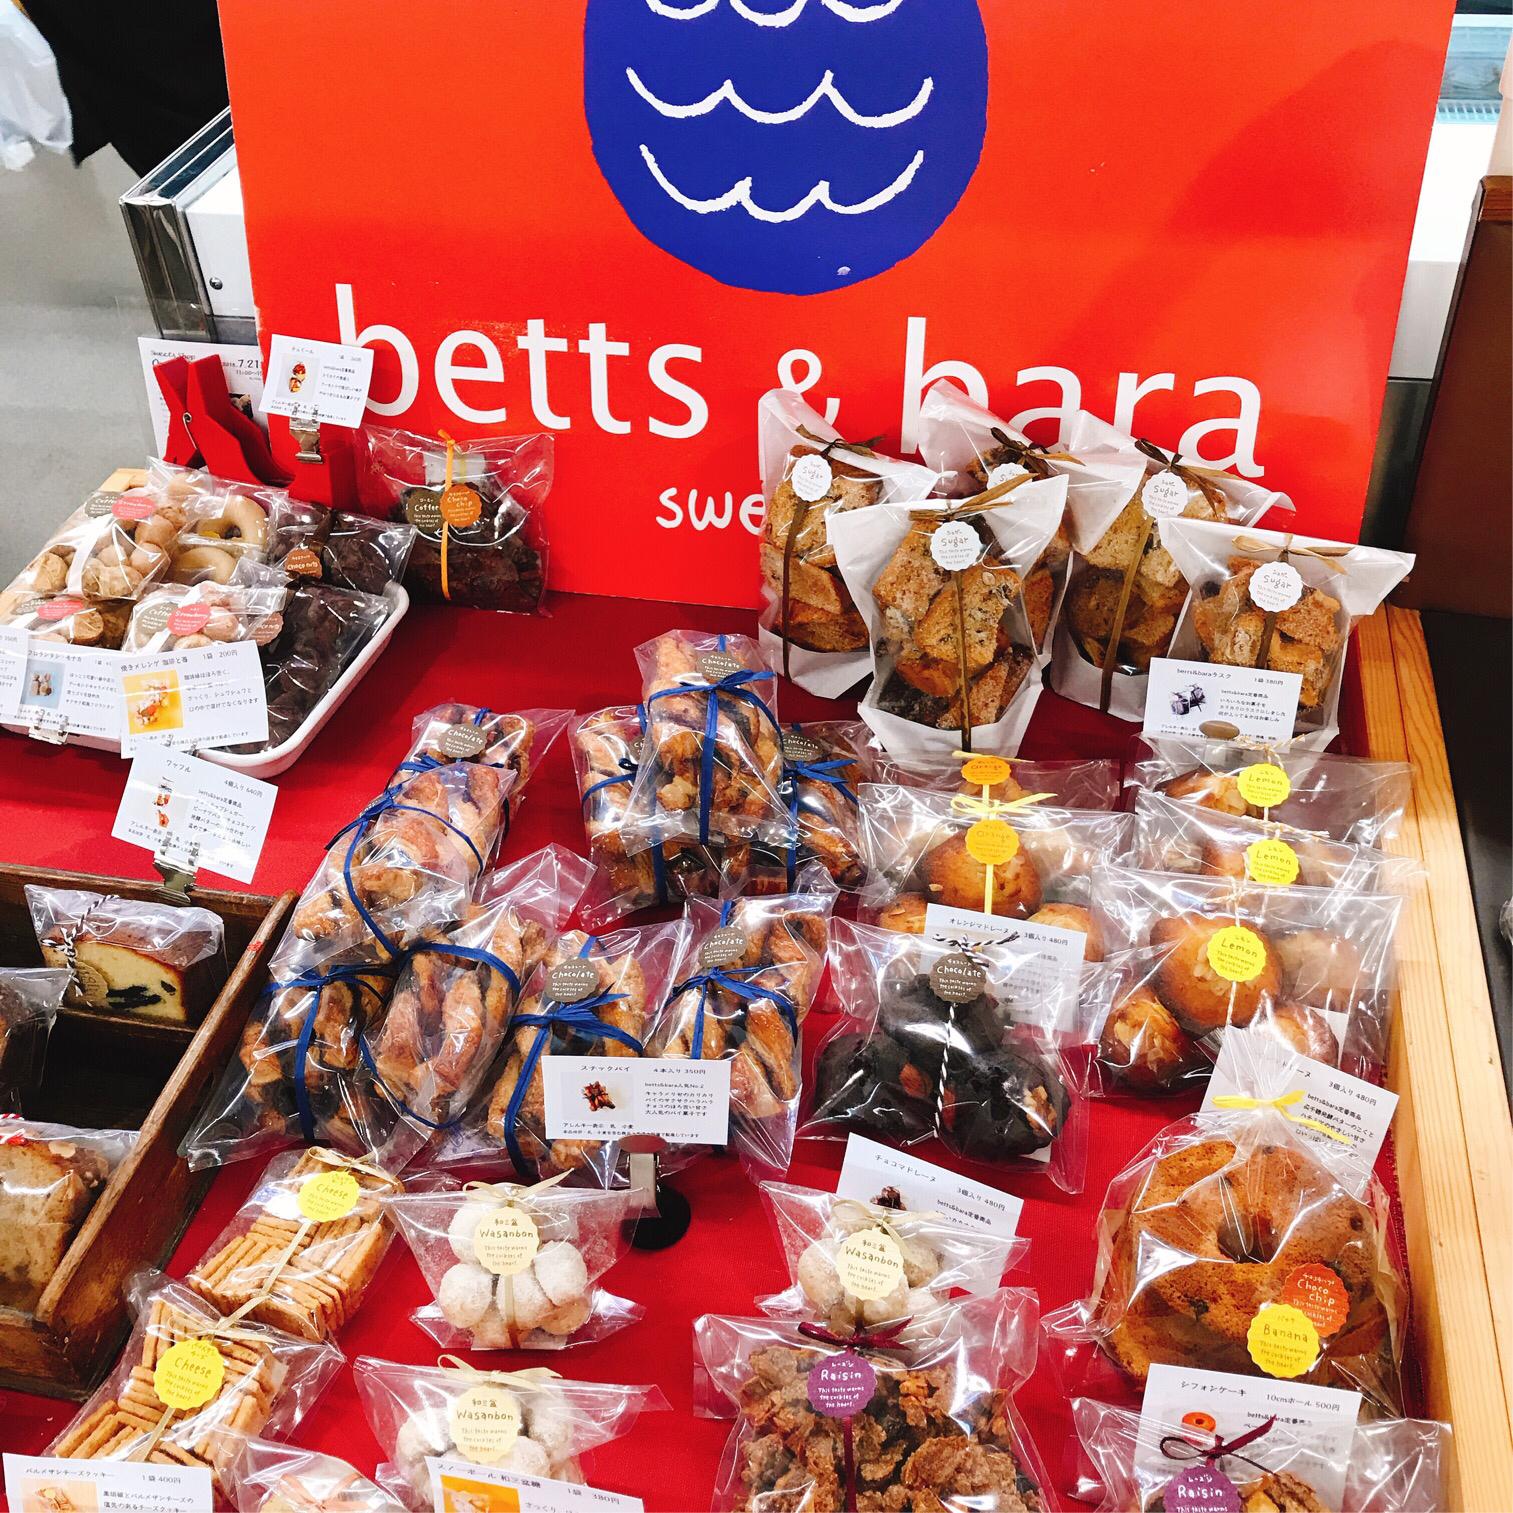 betts&baraのクッキー。手作りで、やさしい味がしそう。